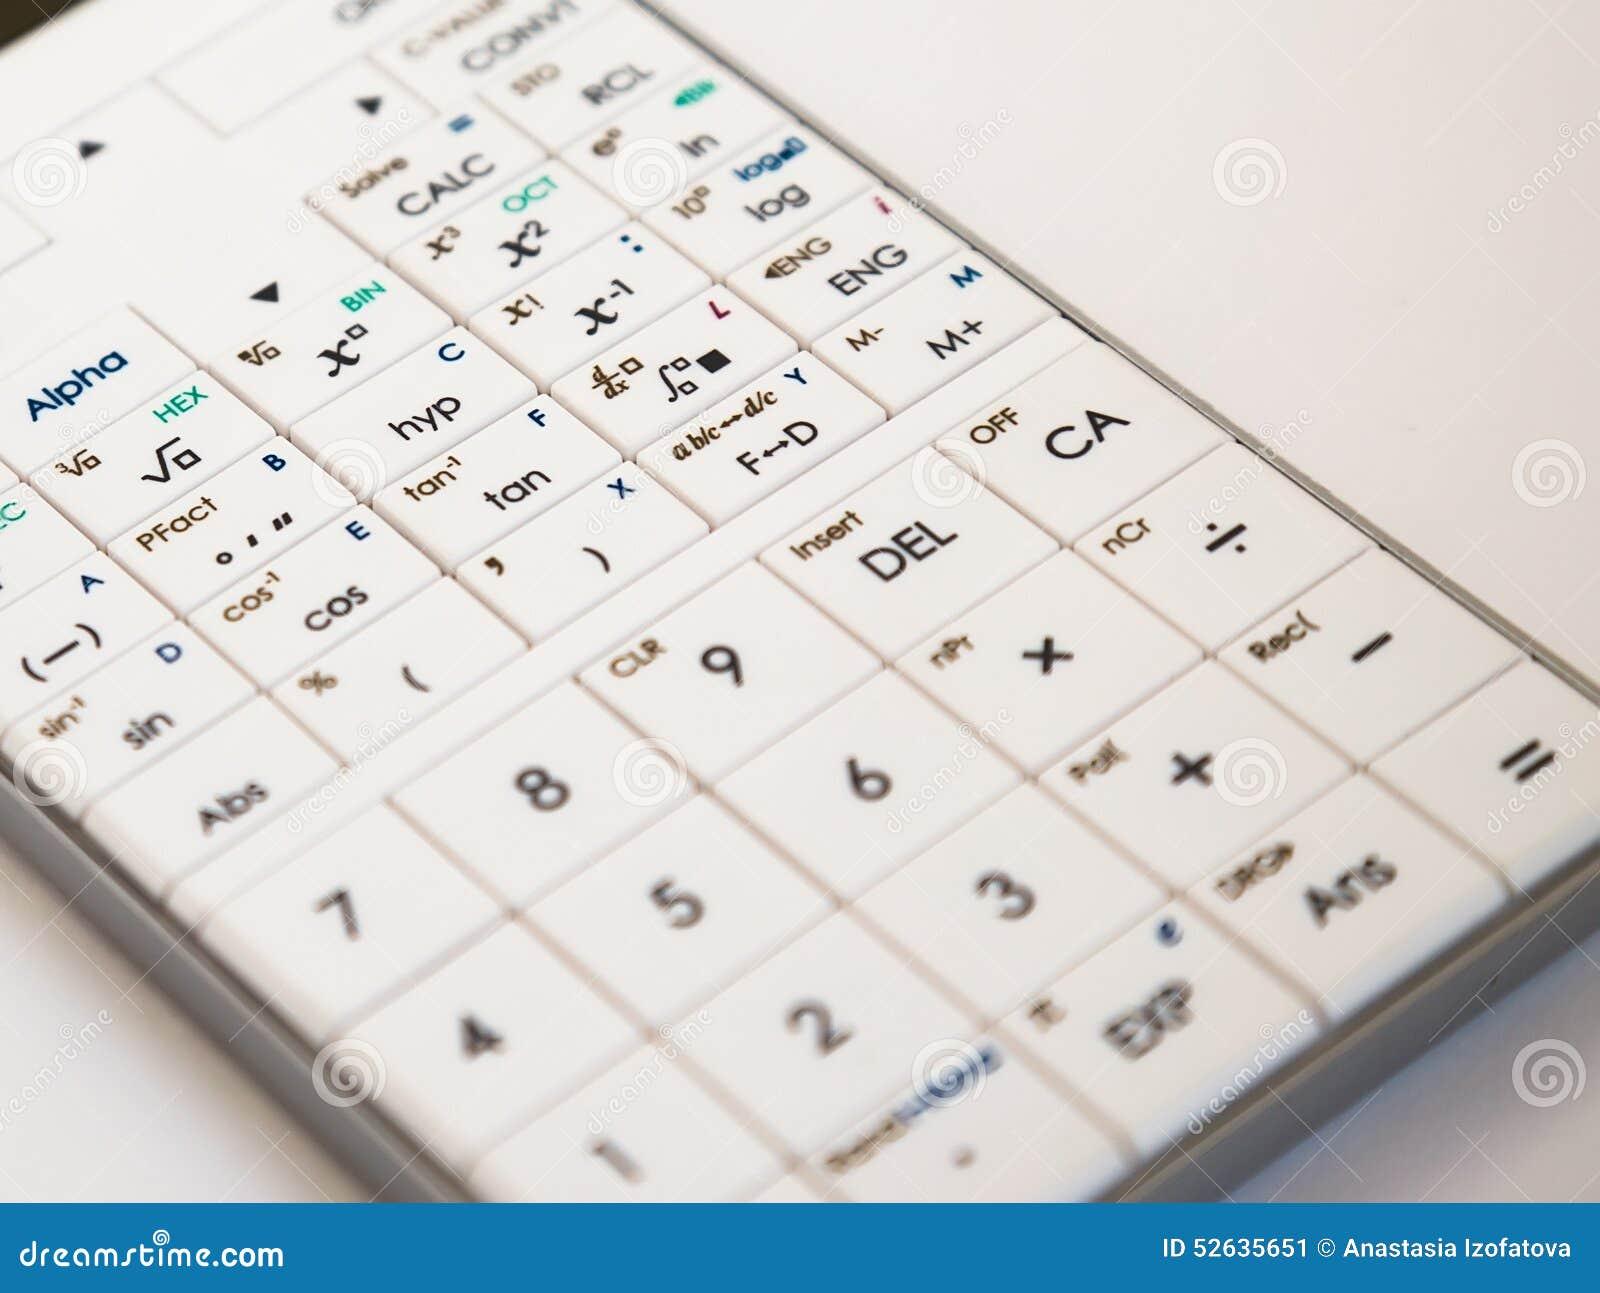 Modern scientific calculator